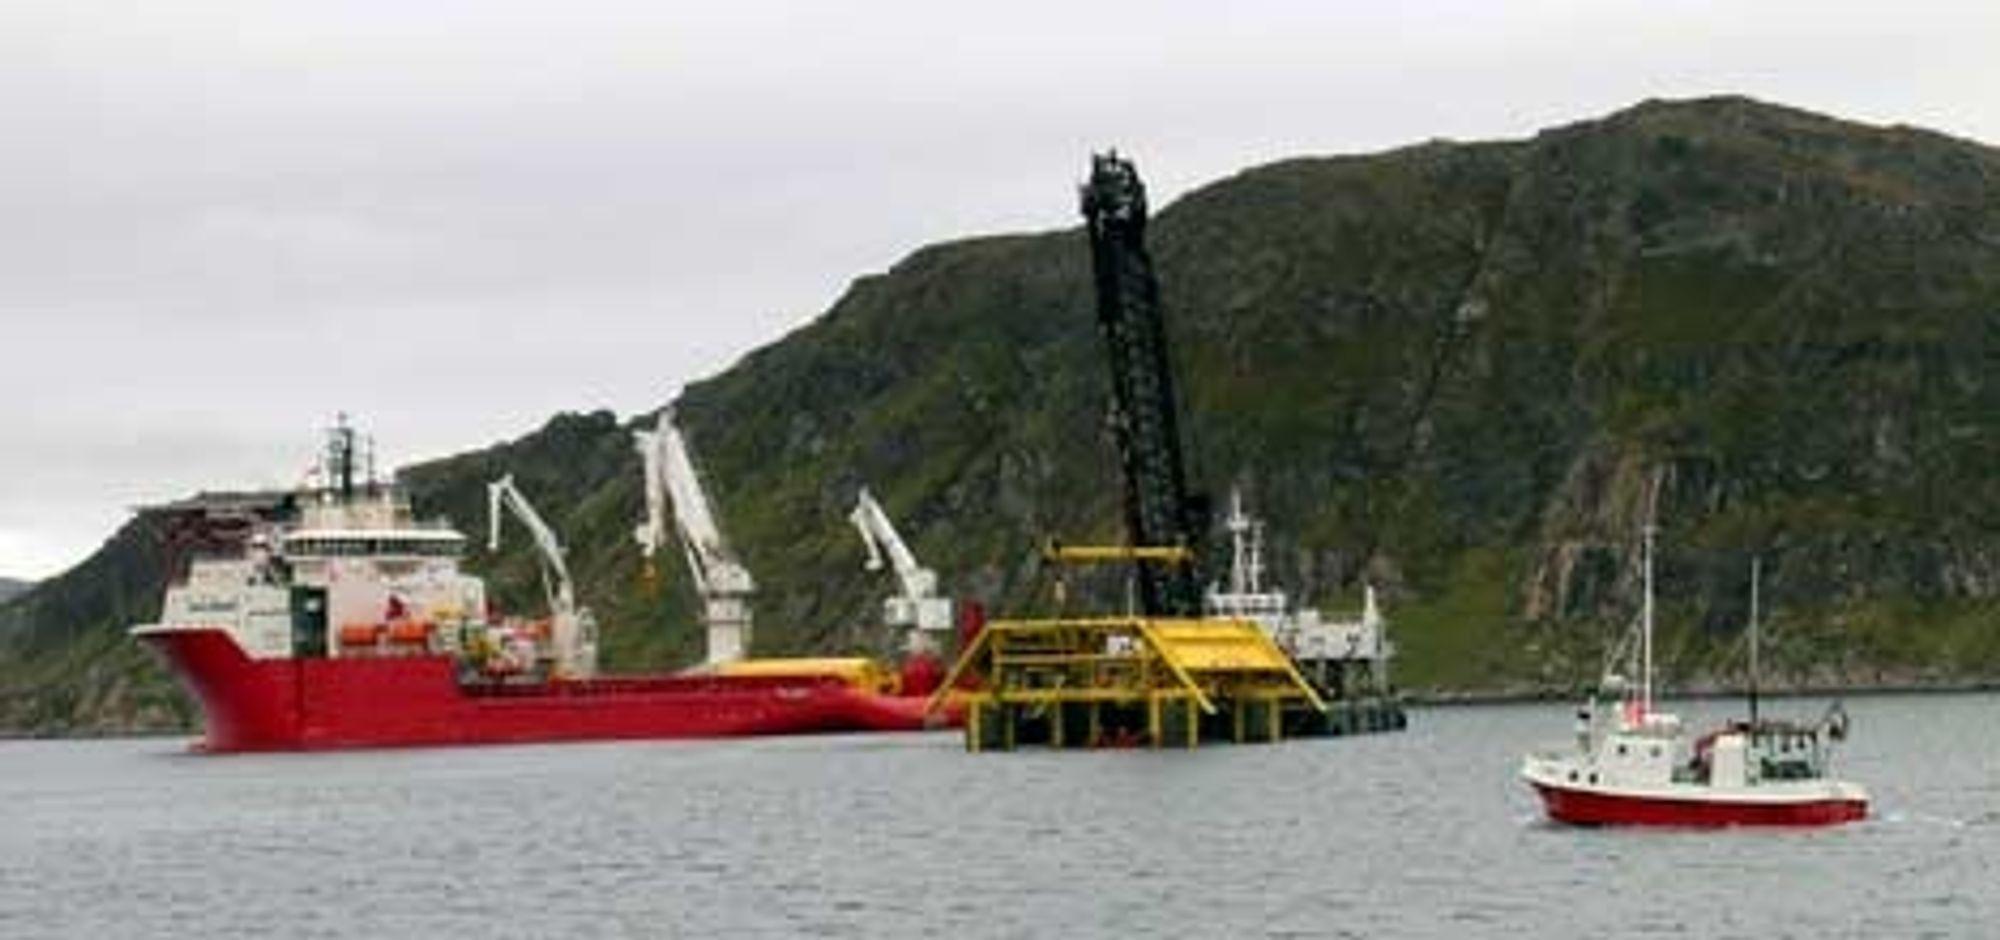 TIL BUNNS: De første undervannsrammene er på plass. ABB Offshore Systems har levert de første bunnrammene fra verkstedet i Eydehavn. De er nå satt på plass på feltet utenfor Hammerfest. Aker Marine Contractors gjennomførte en vellykket operasjon i begynnelsen av juni.